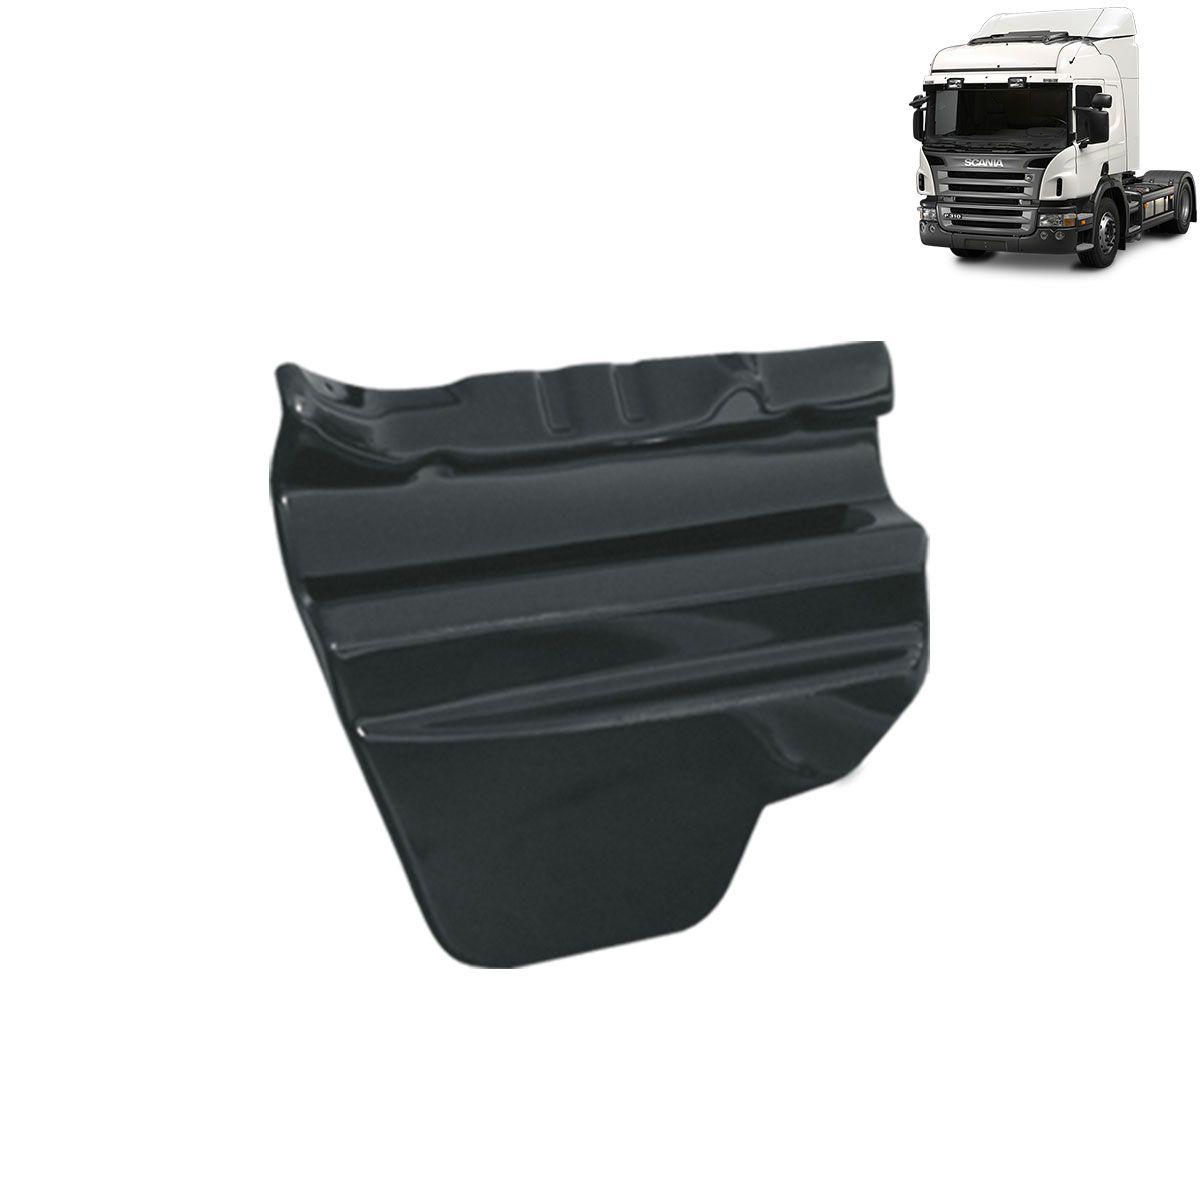 Par Tapa Estribo / Chineleira em Plástico Compatível com o Caminhão Scania P 250/270/310/340/360 2008 em Diante